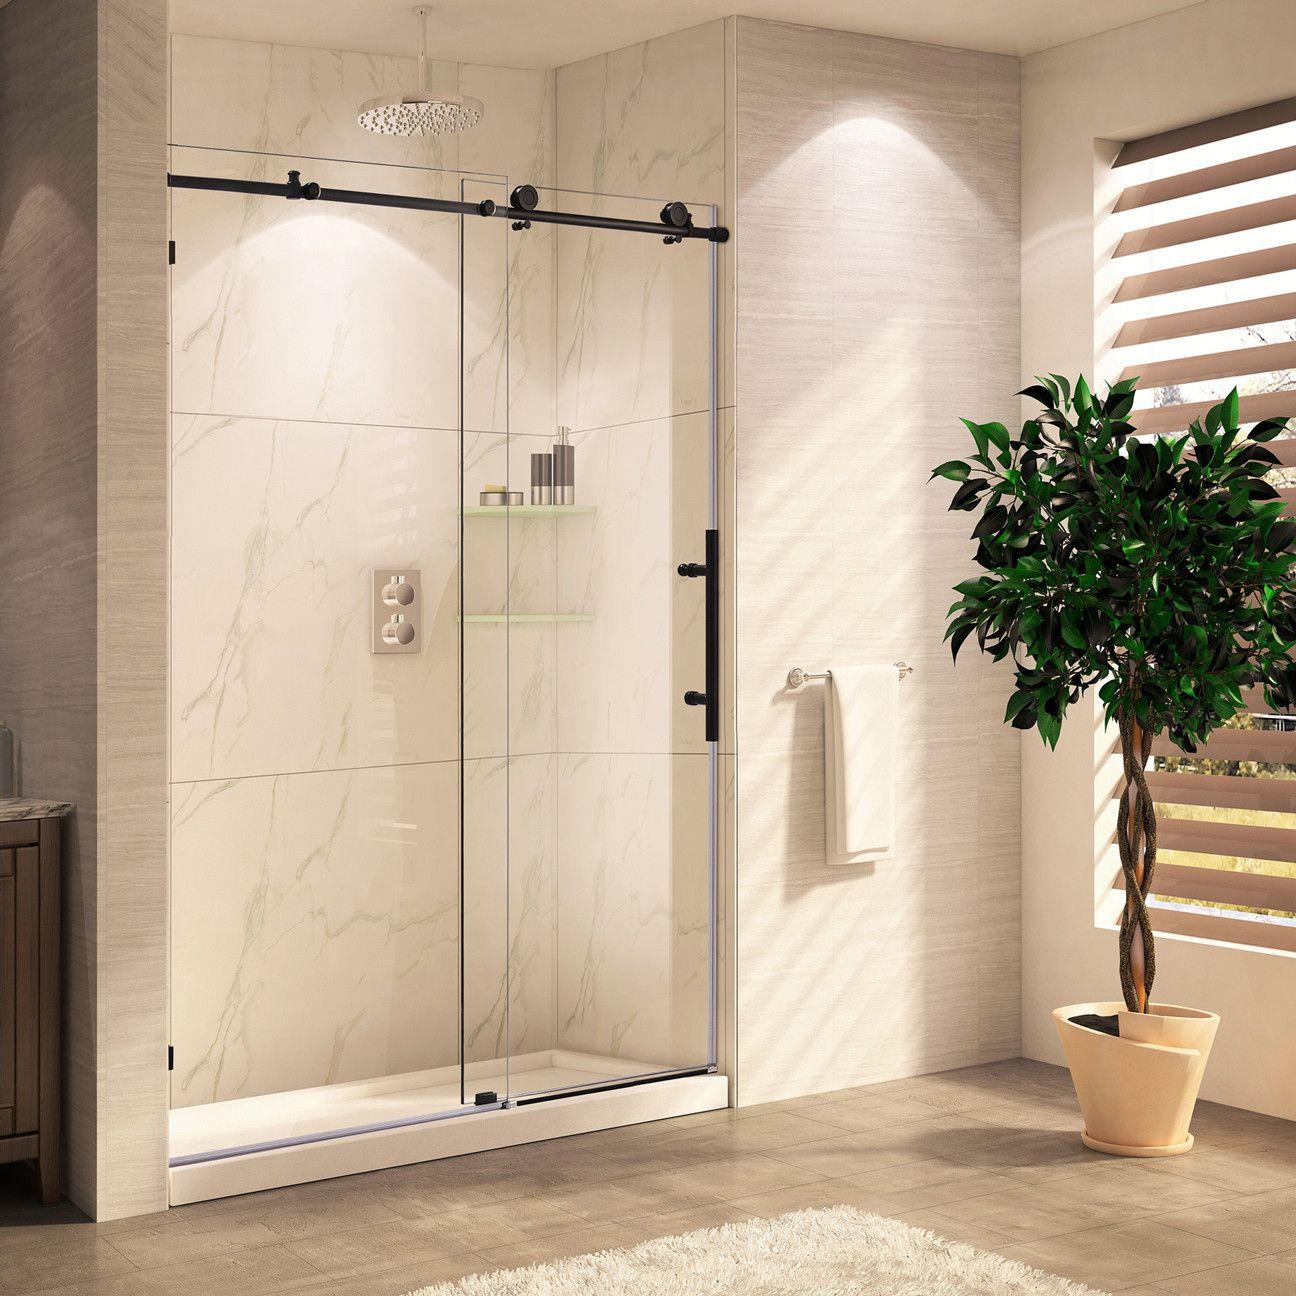 Paragon Bath Crsbs0362 Orb Tub Frameless Shower Door Oil Rubbed